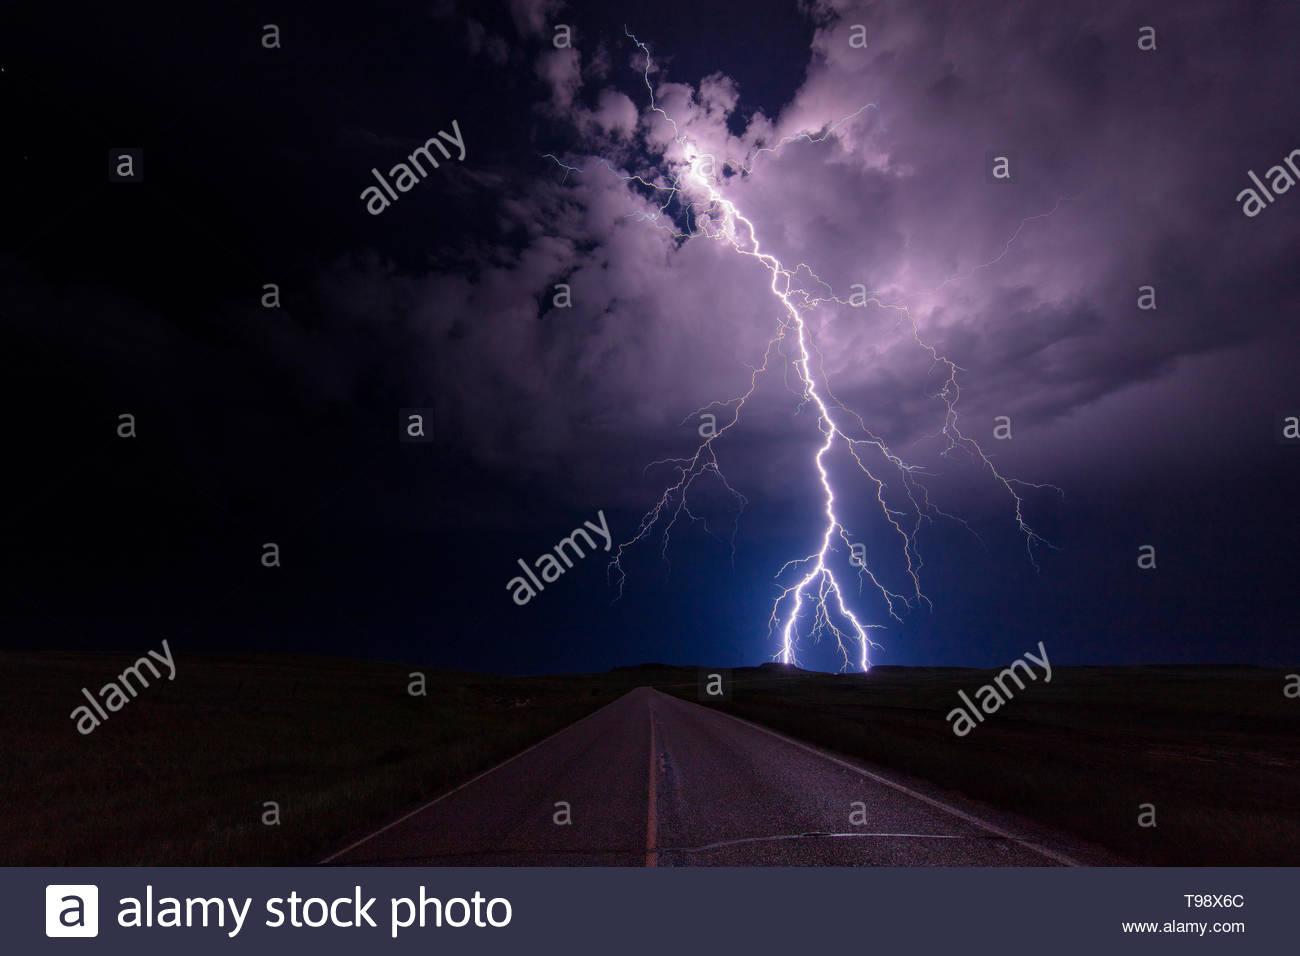 7a53ae7b4a566 Positive Lightning Bolt Stock Photos & Positive Lightning Bolt Stock ...